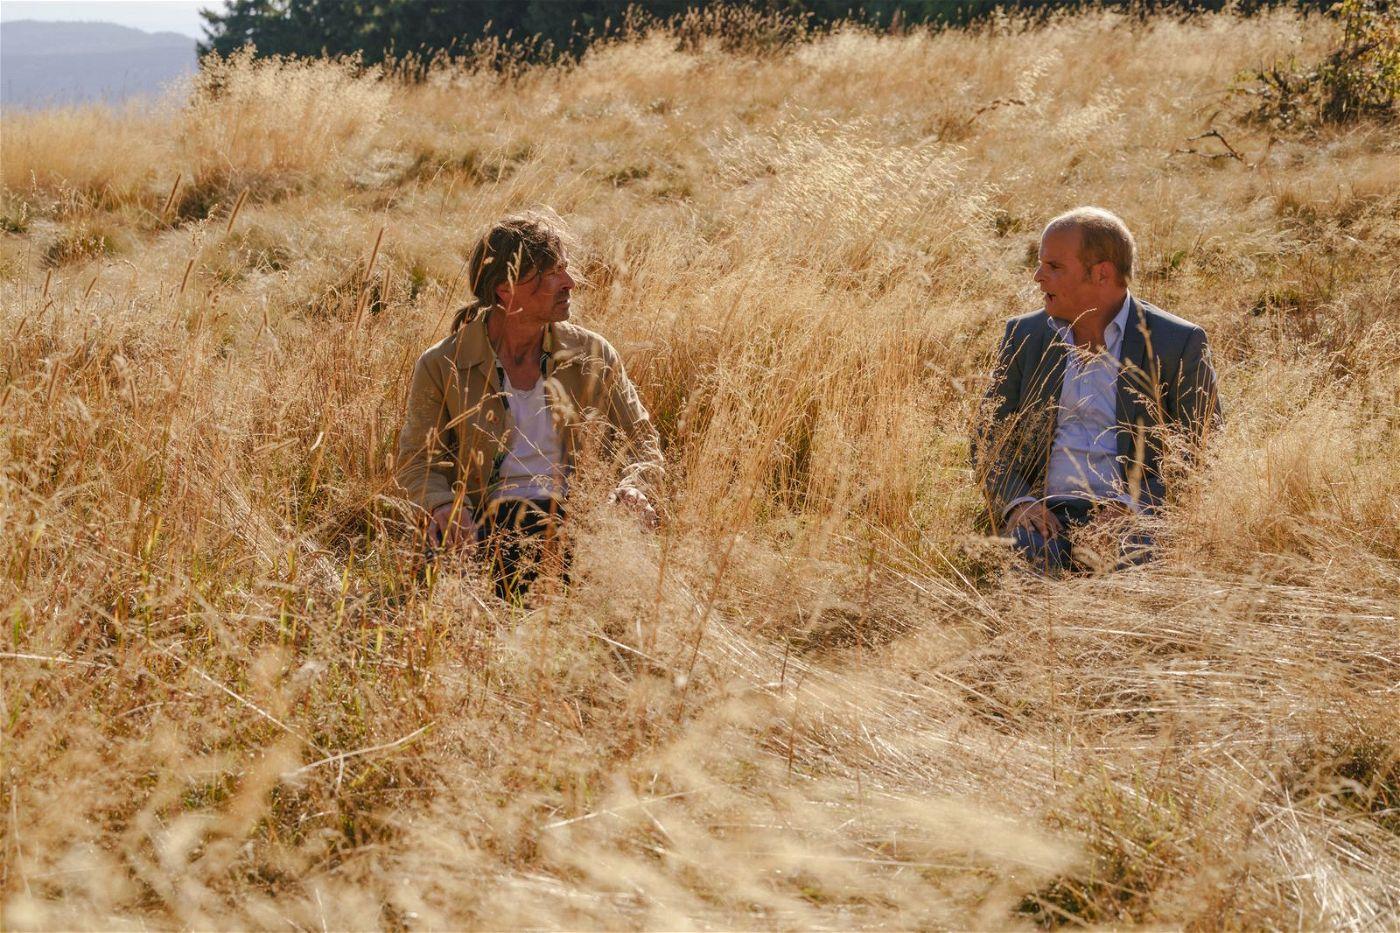 Auf ihrer Reise haben Sven (Jan Sosniok, links) und Hart (Matthias Klimsa) Zeit, sich endlich auszusprechen.